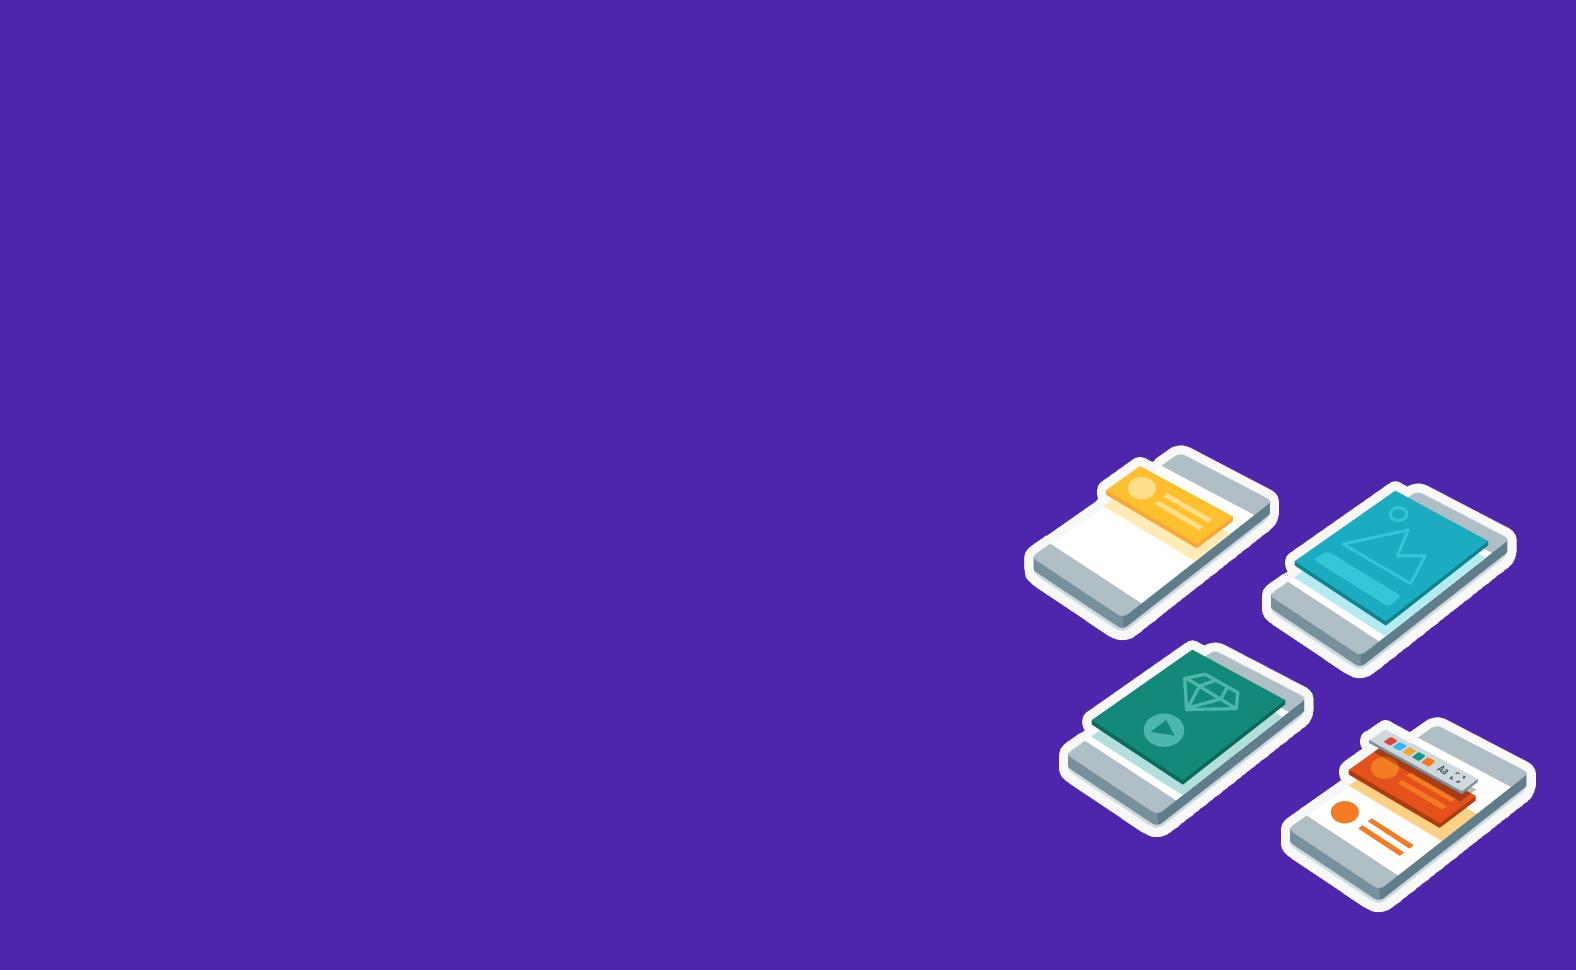 Crie um aplicativo em <br />poucos minutos.